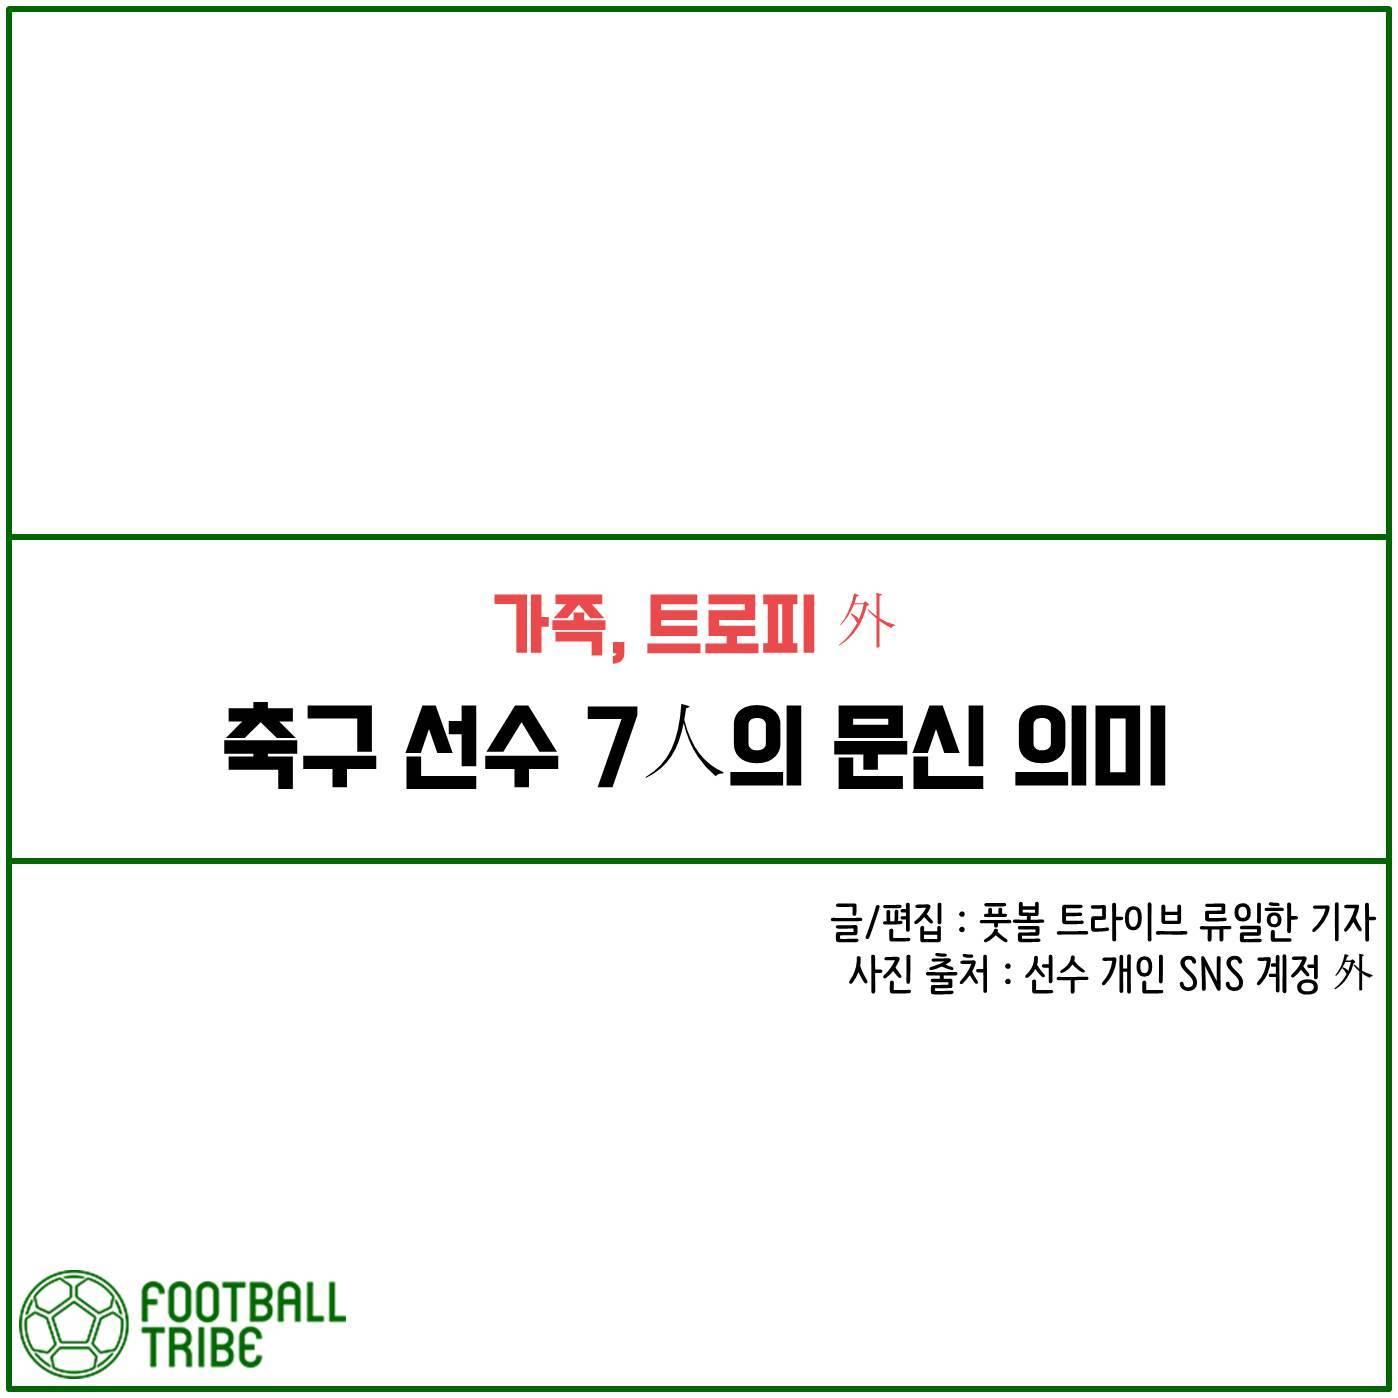 [카드 뉴스] '가족, 트로피 外' 축구 선수 7人의 문신